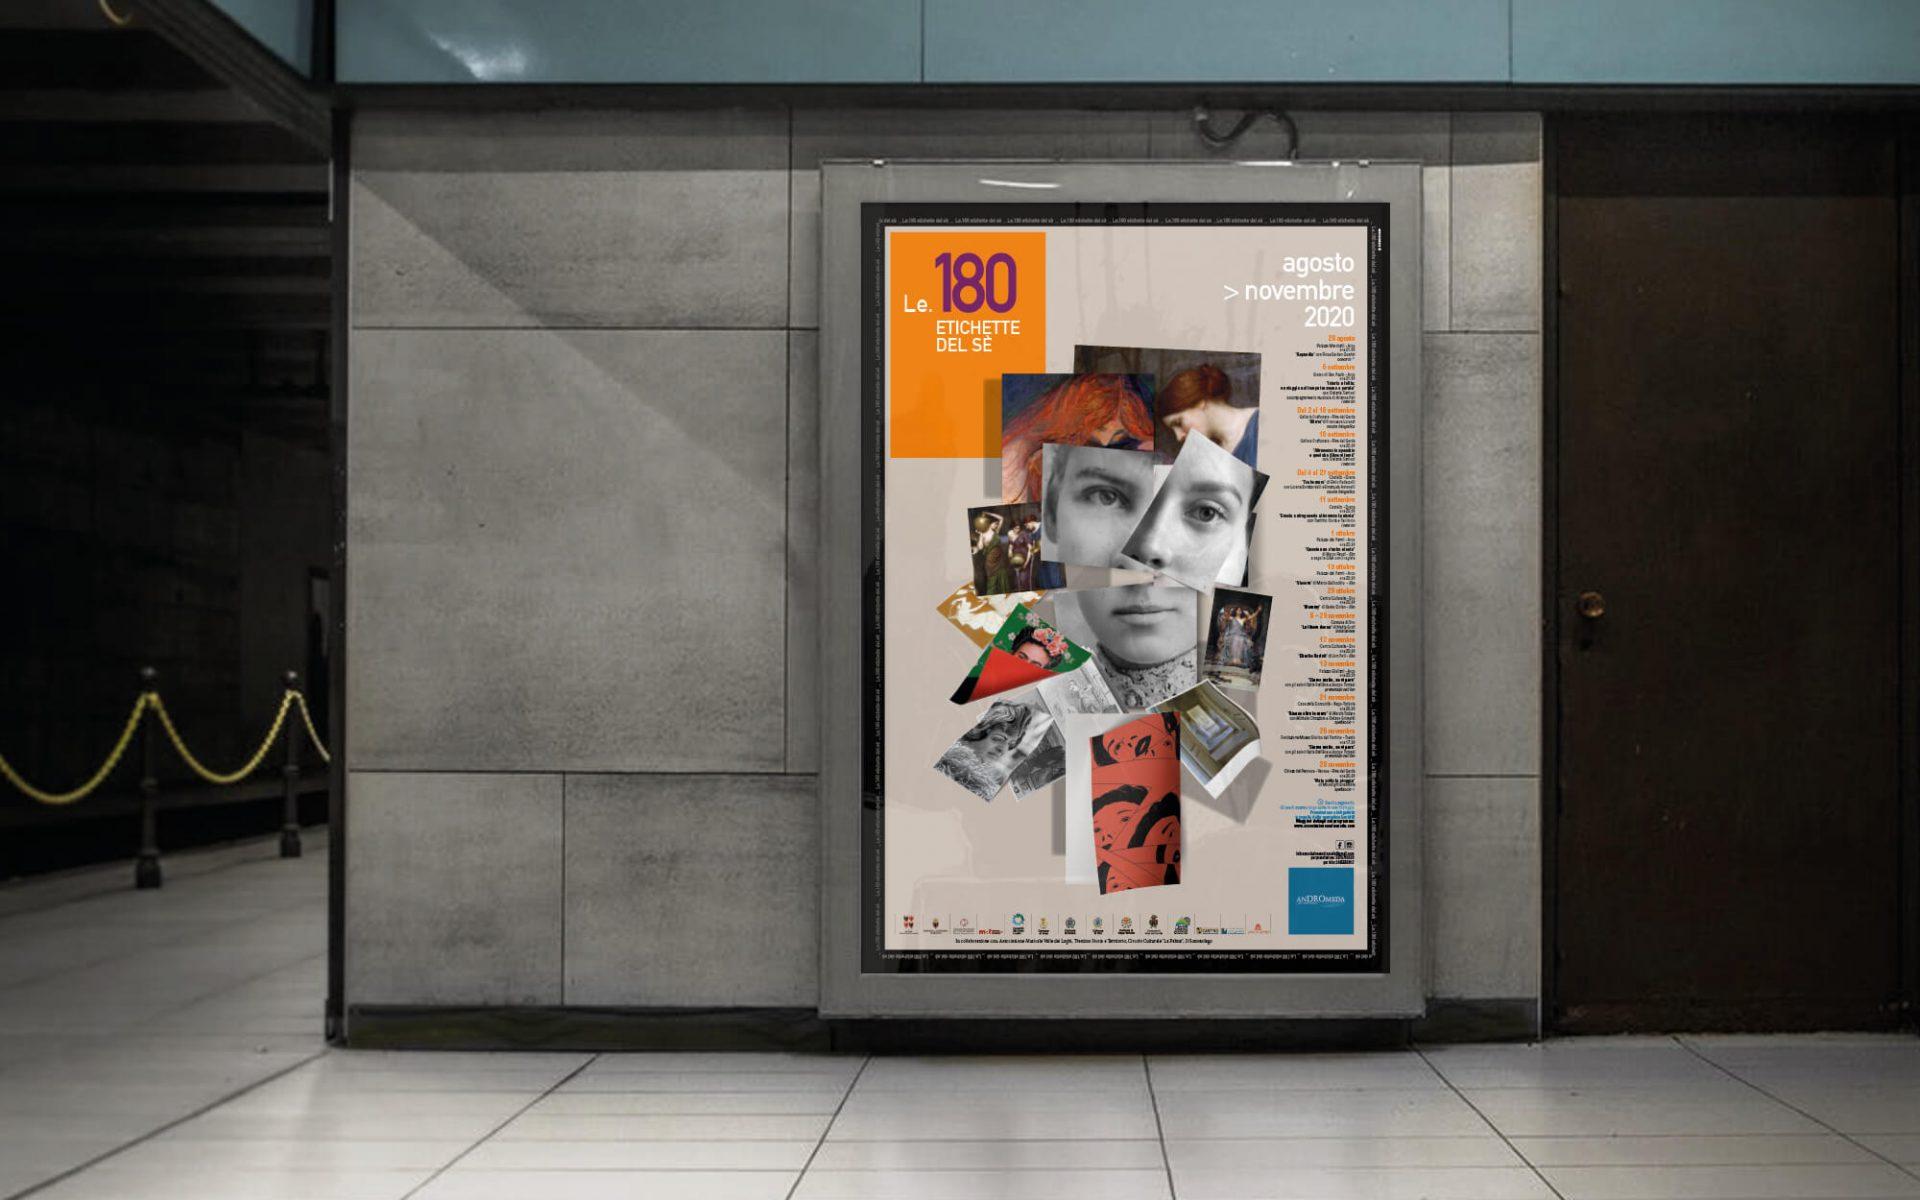 dettaglio del poster progettato per la rassegna Le 180 Etichette del Se di Andromeda, progetto grafico coordinato dallo studio grafico diadestudio di Arco Tn